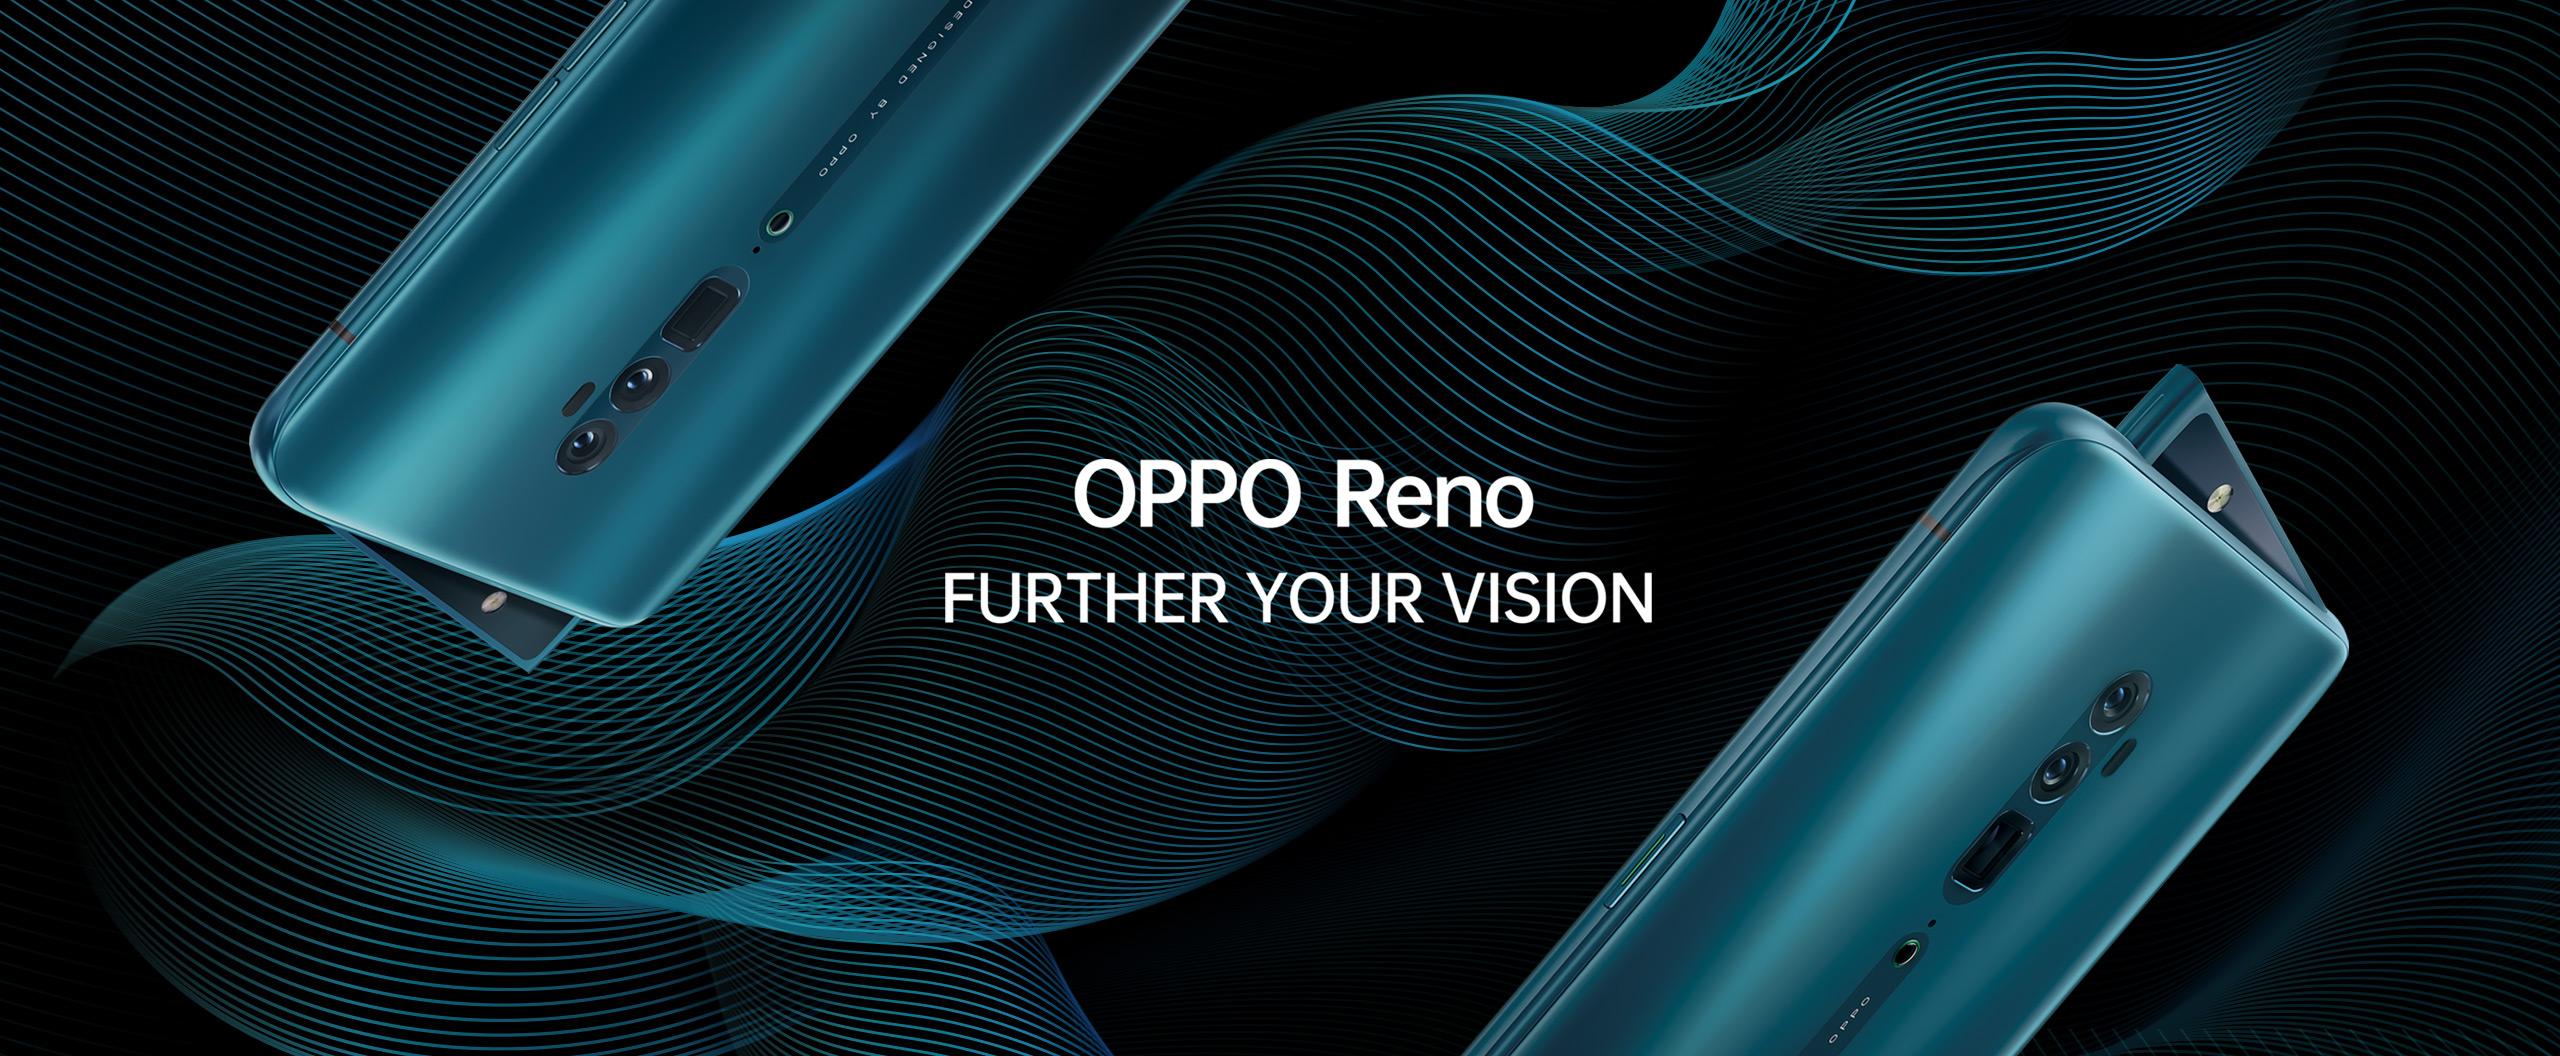 OPPO lanceert de nieuwe Reno smartphone serie